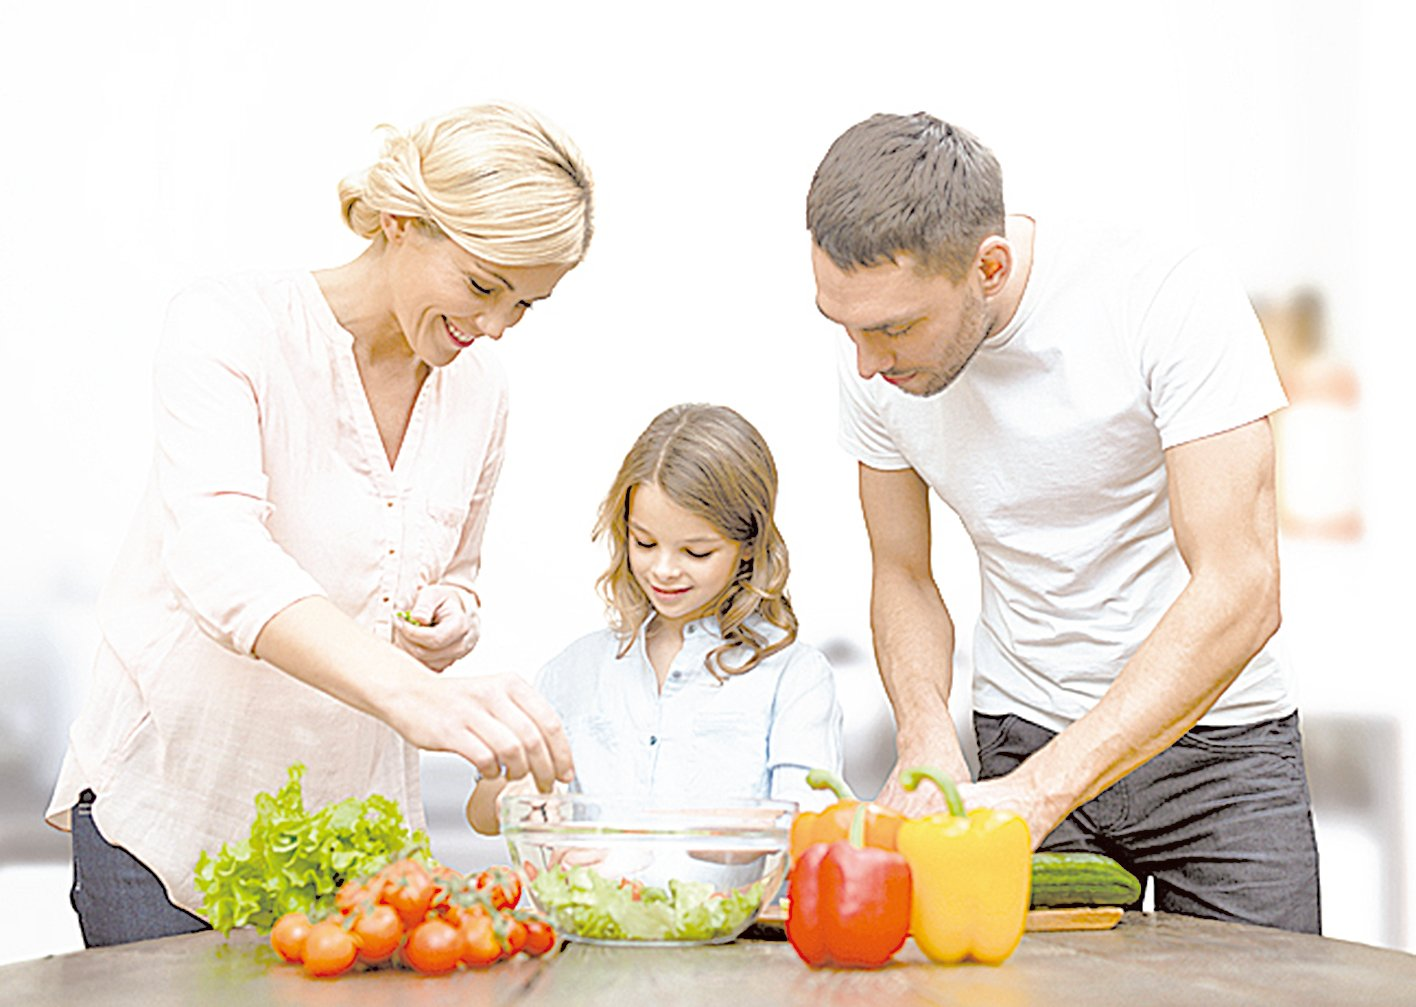 停止追求精美的擺盤、繁瑣的工序,讓飲食回到食物的根本。